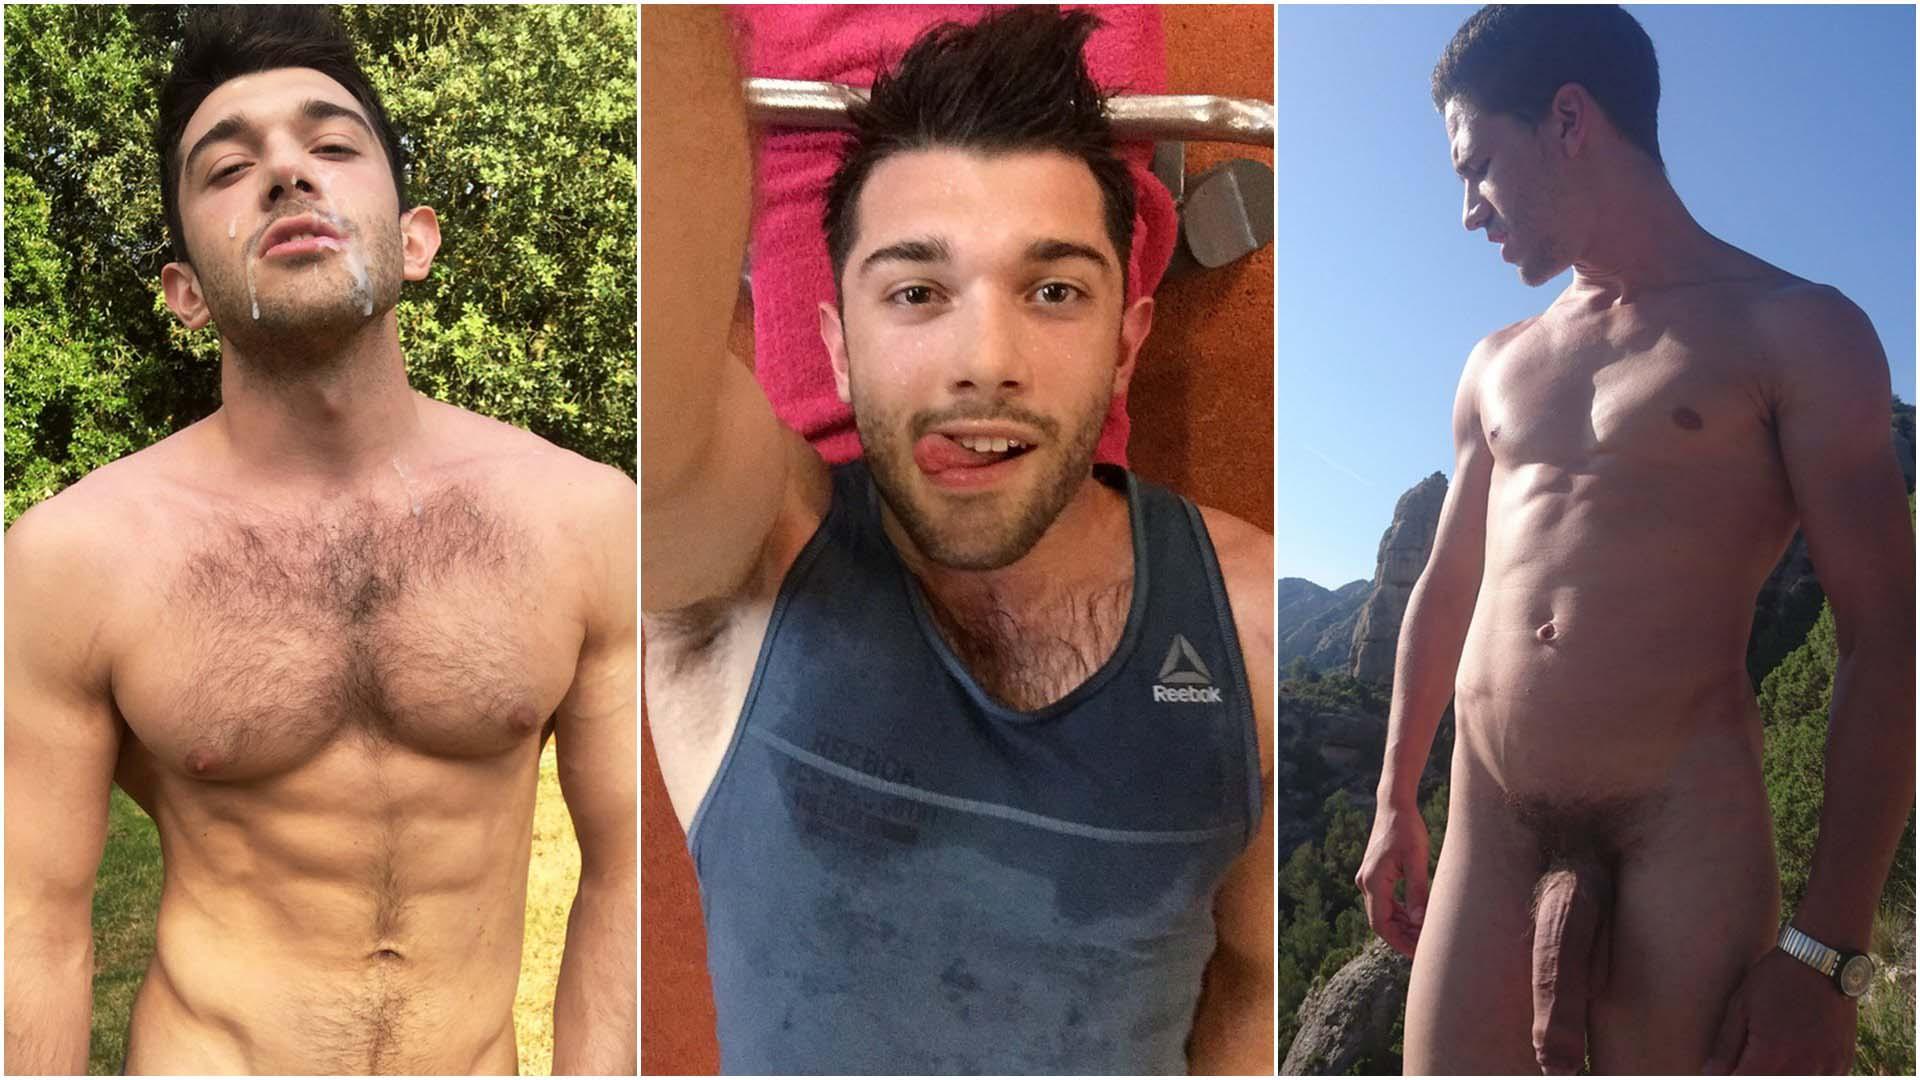 Baños Gay Porno gay porn now men only | el empotrador del chupa chups en el